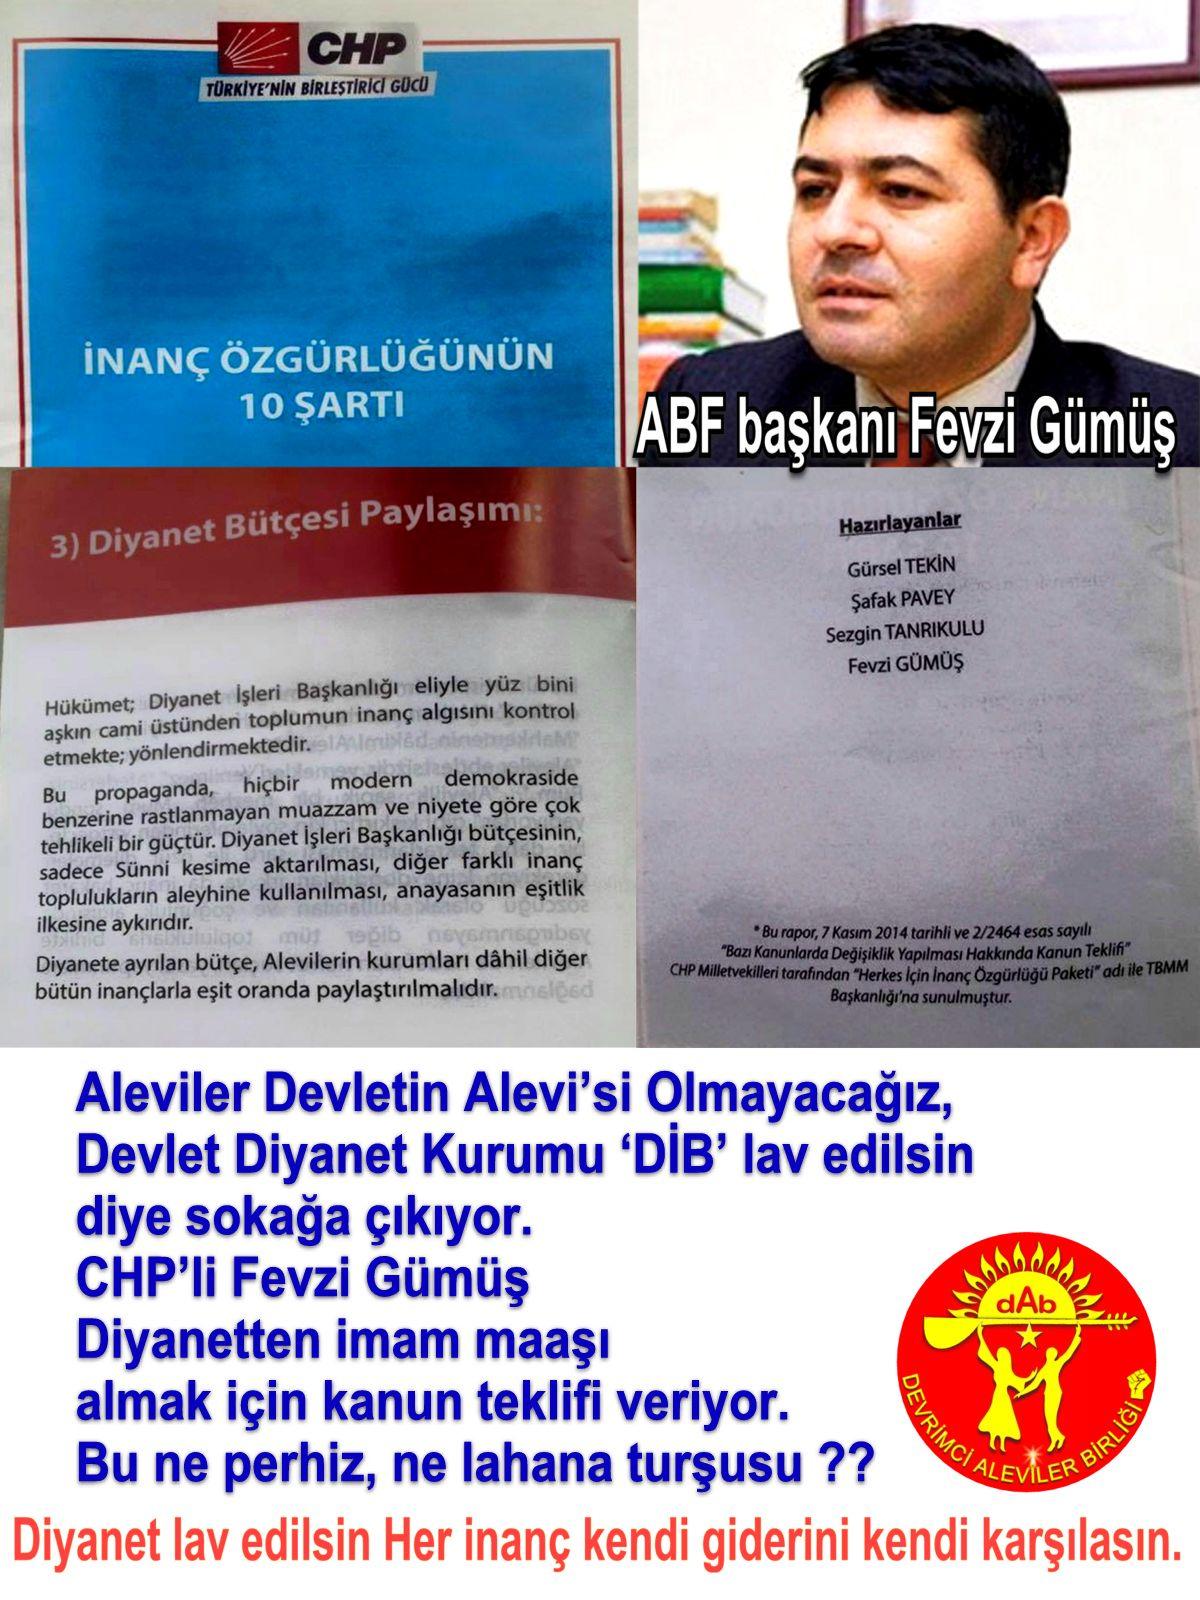 Devrimci Aleviler Birliği DAB Alevi Kızılbaş Bektaşi pir sultan cem hz Ali 12 imam semah Feramuz Şah Acar fevzi gumus diyanet